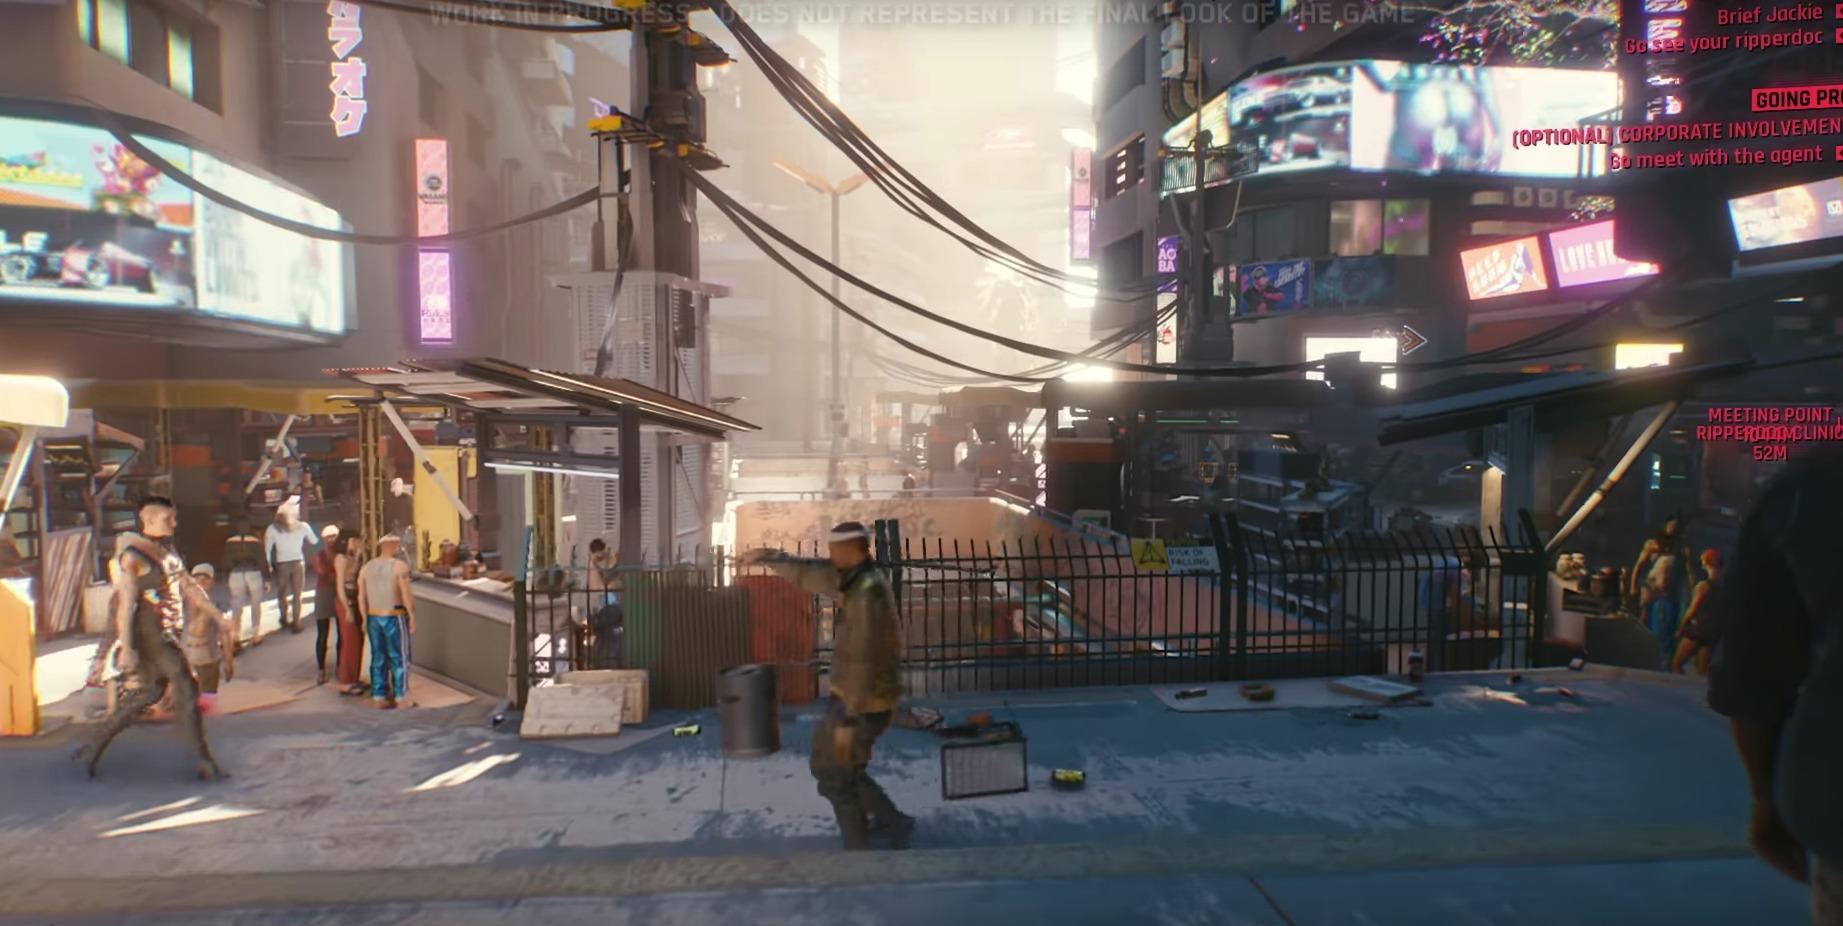 Desarrollador de Cyberpunk 2077 comienza stream misterioso